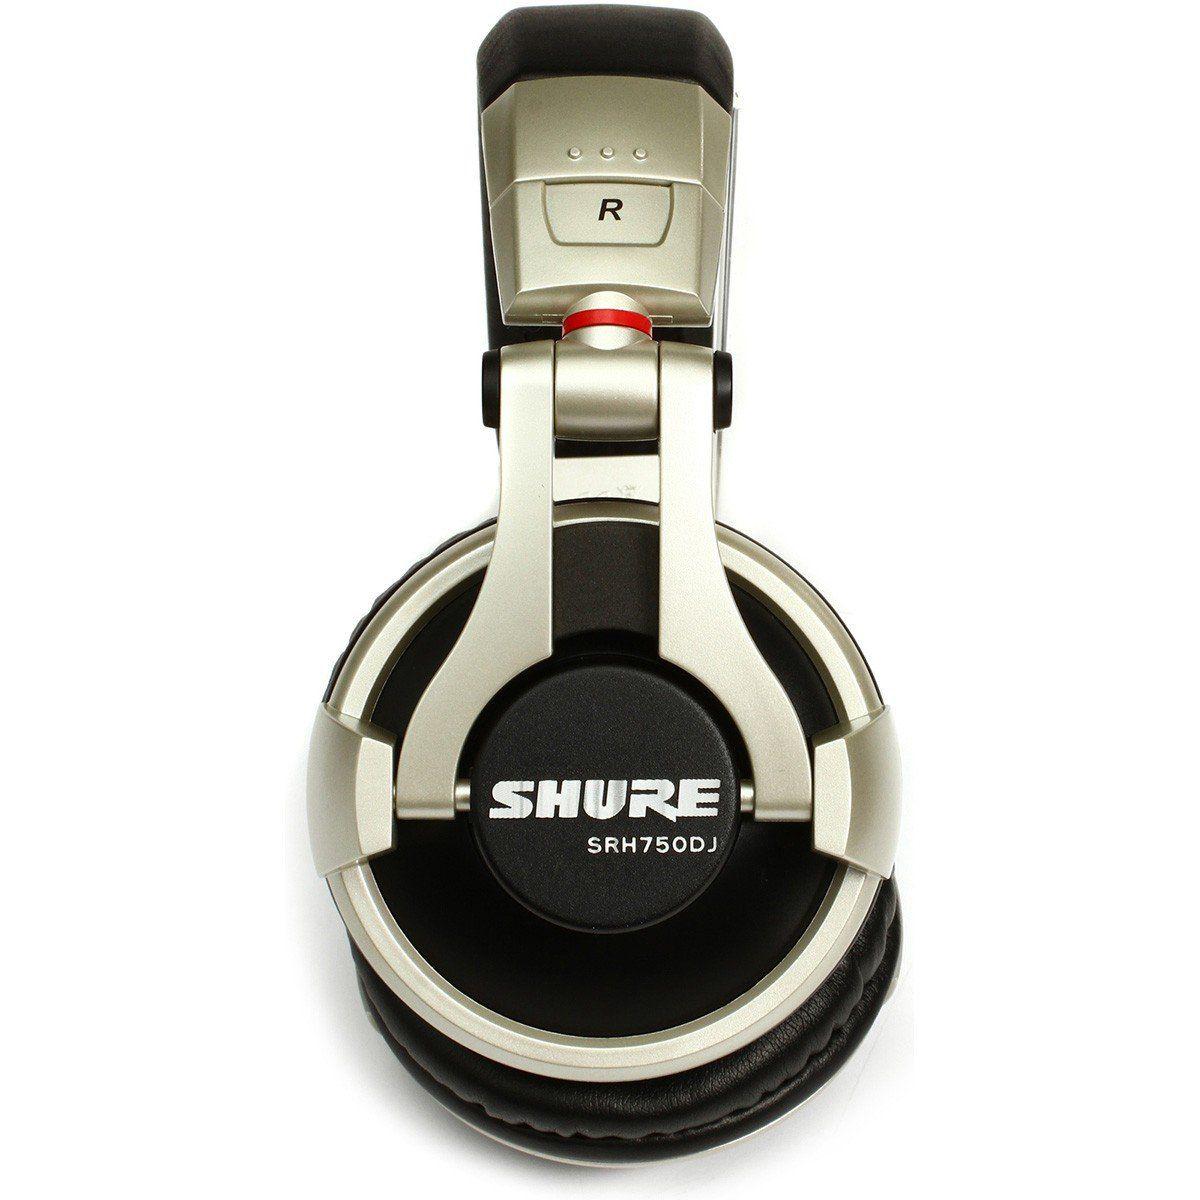 Shure SRH750DJ Fone de Ouvido SRH-750DJ para Monitoramento e Mixagem Dj Profissional